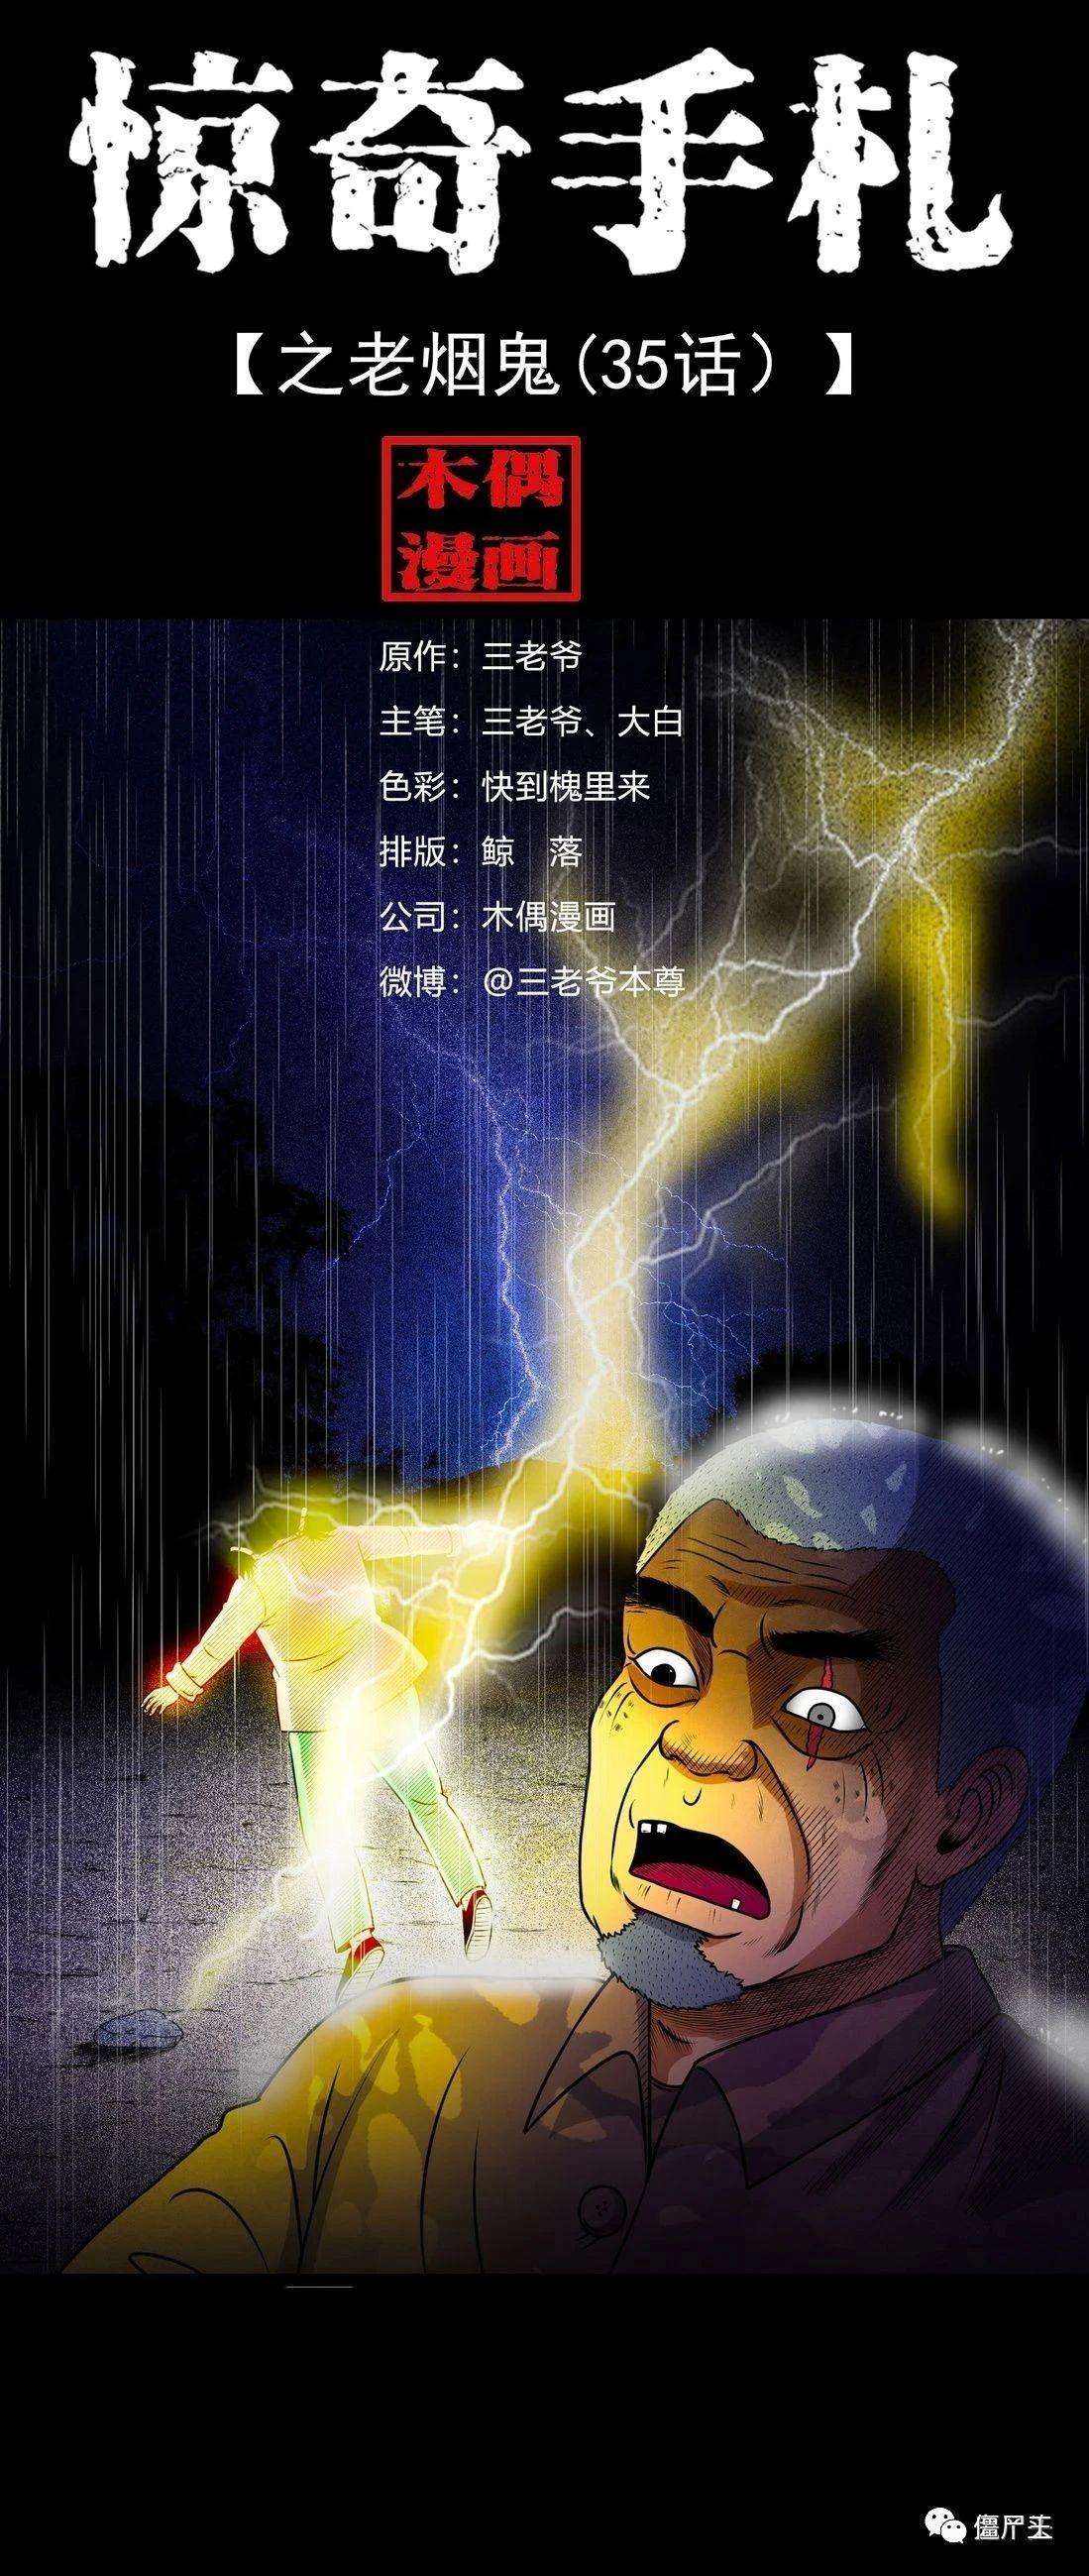 僵尸王漫画:惊奇手札之老烟鬼(三十五)